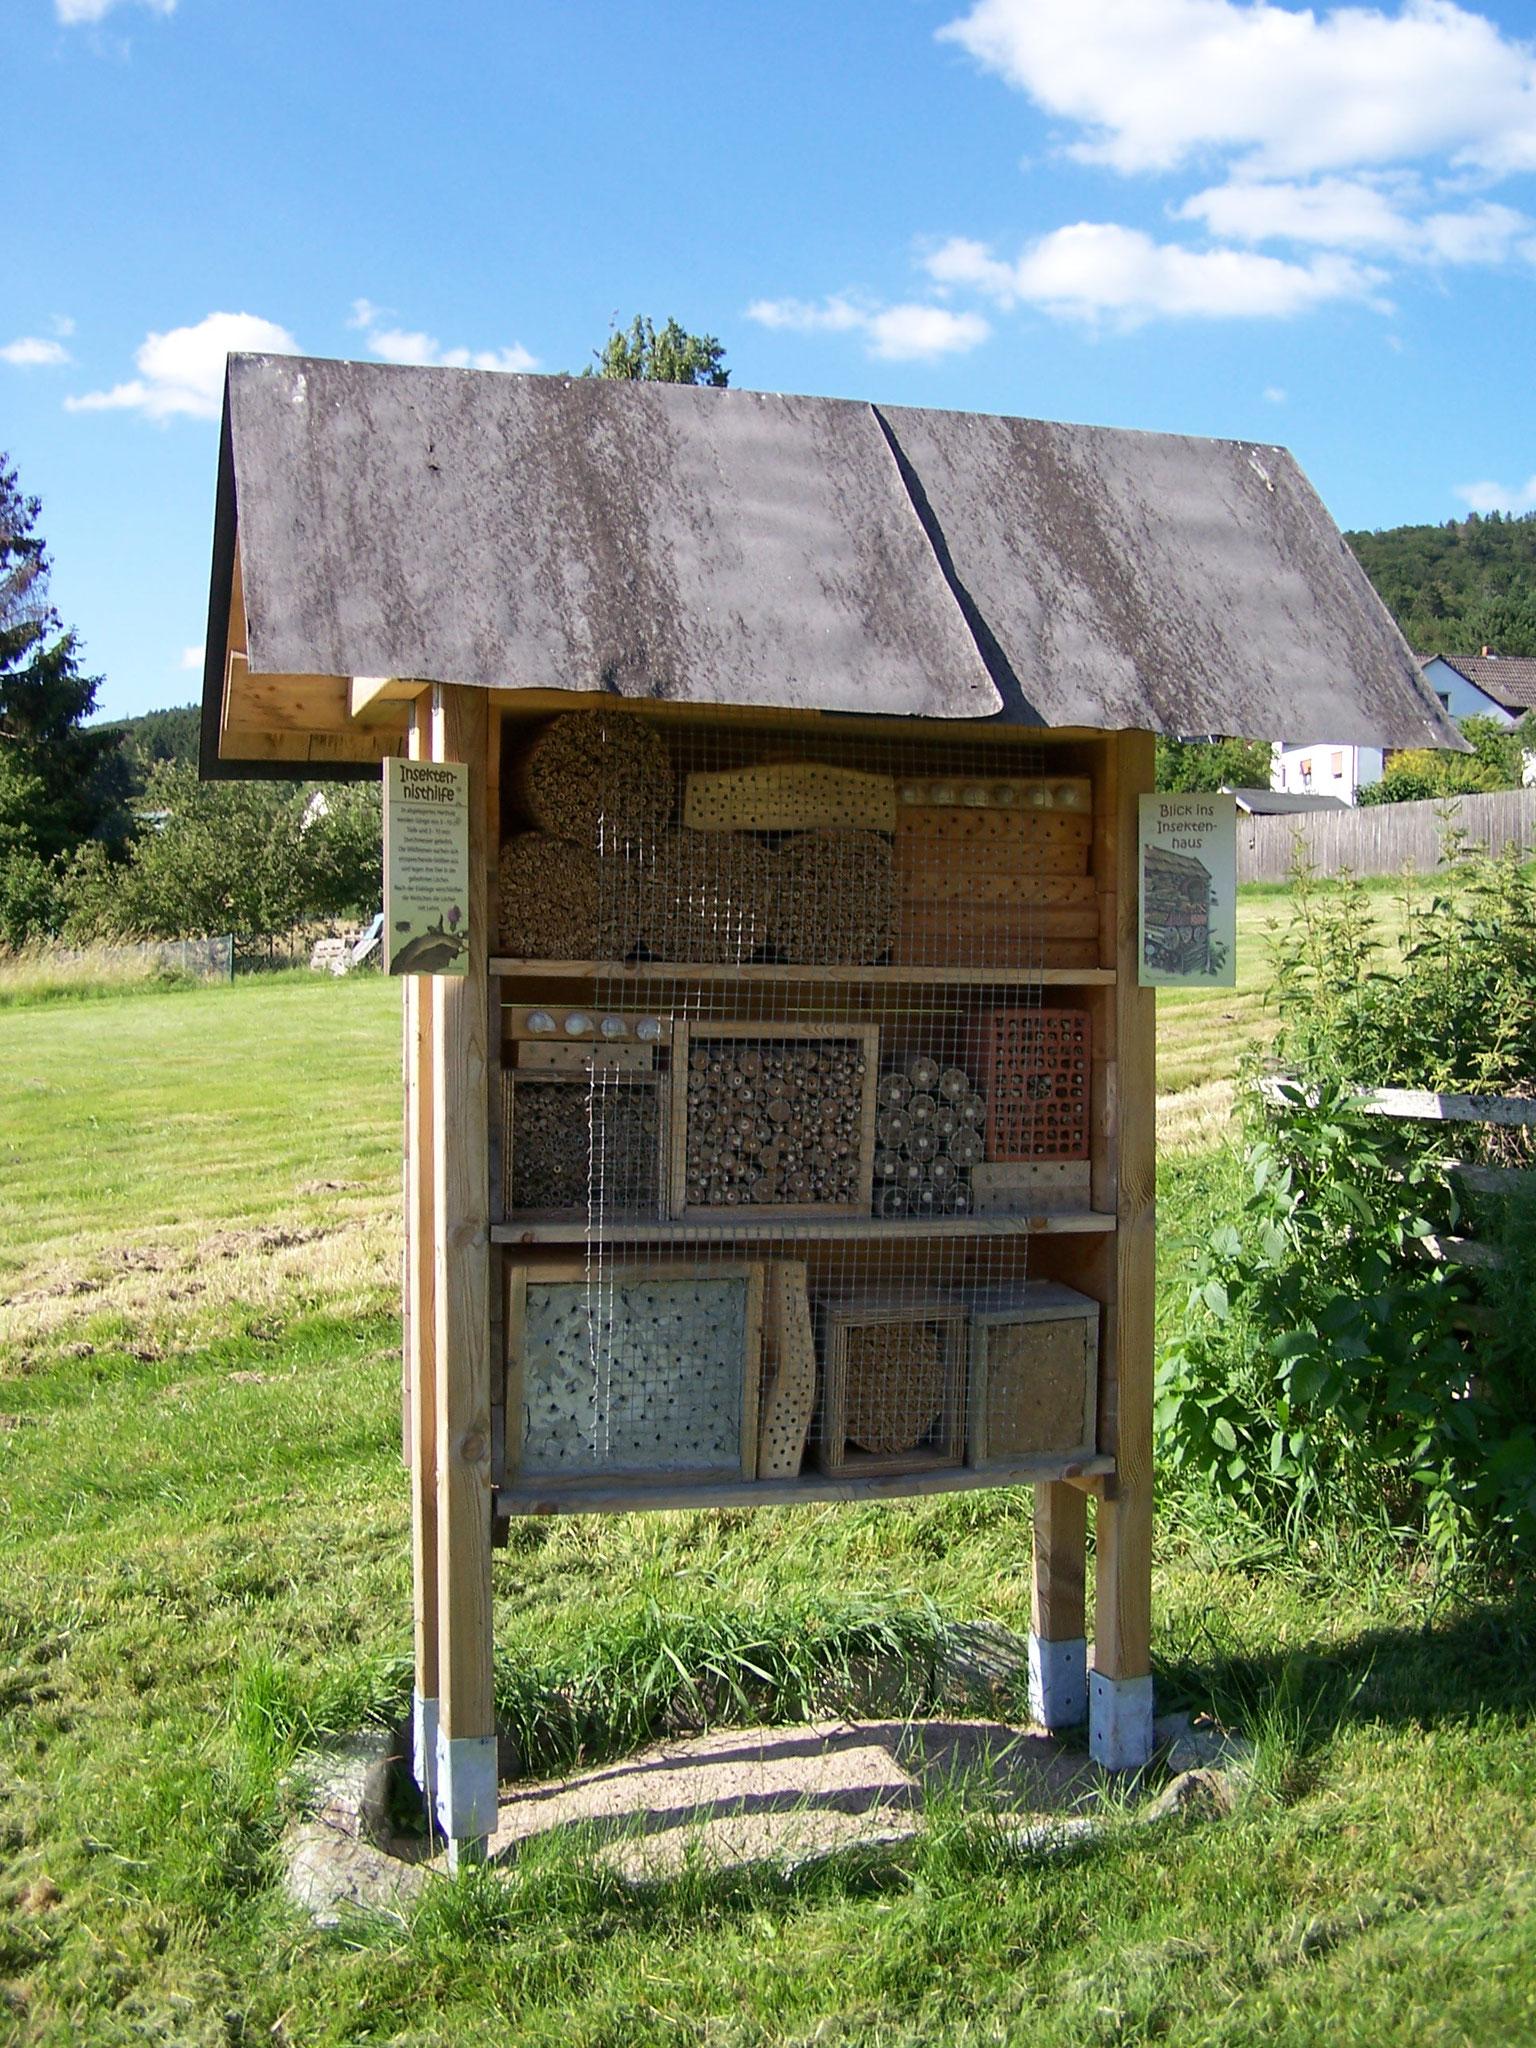 das Insektenhotel mit kleinen Informationstafeln und Flyerboxen auf der Rückseite